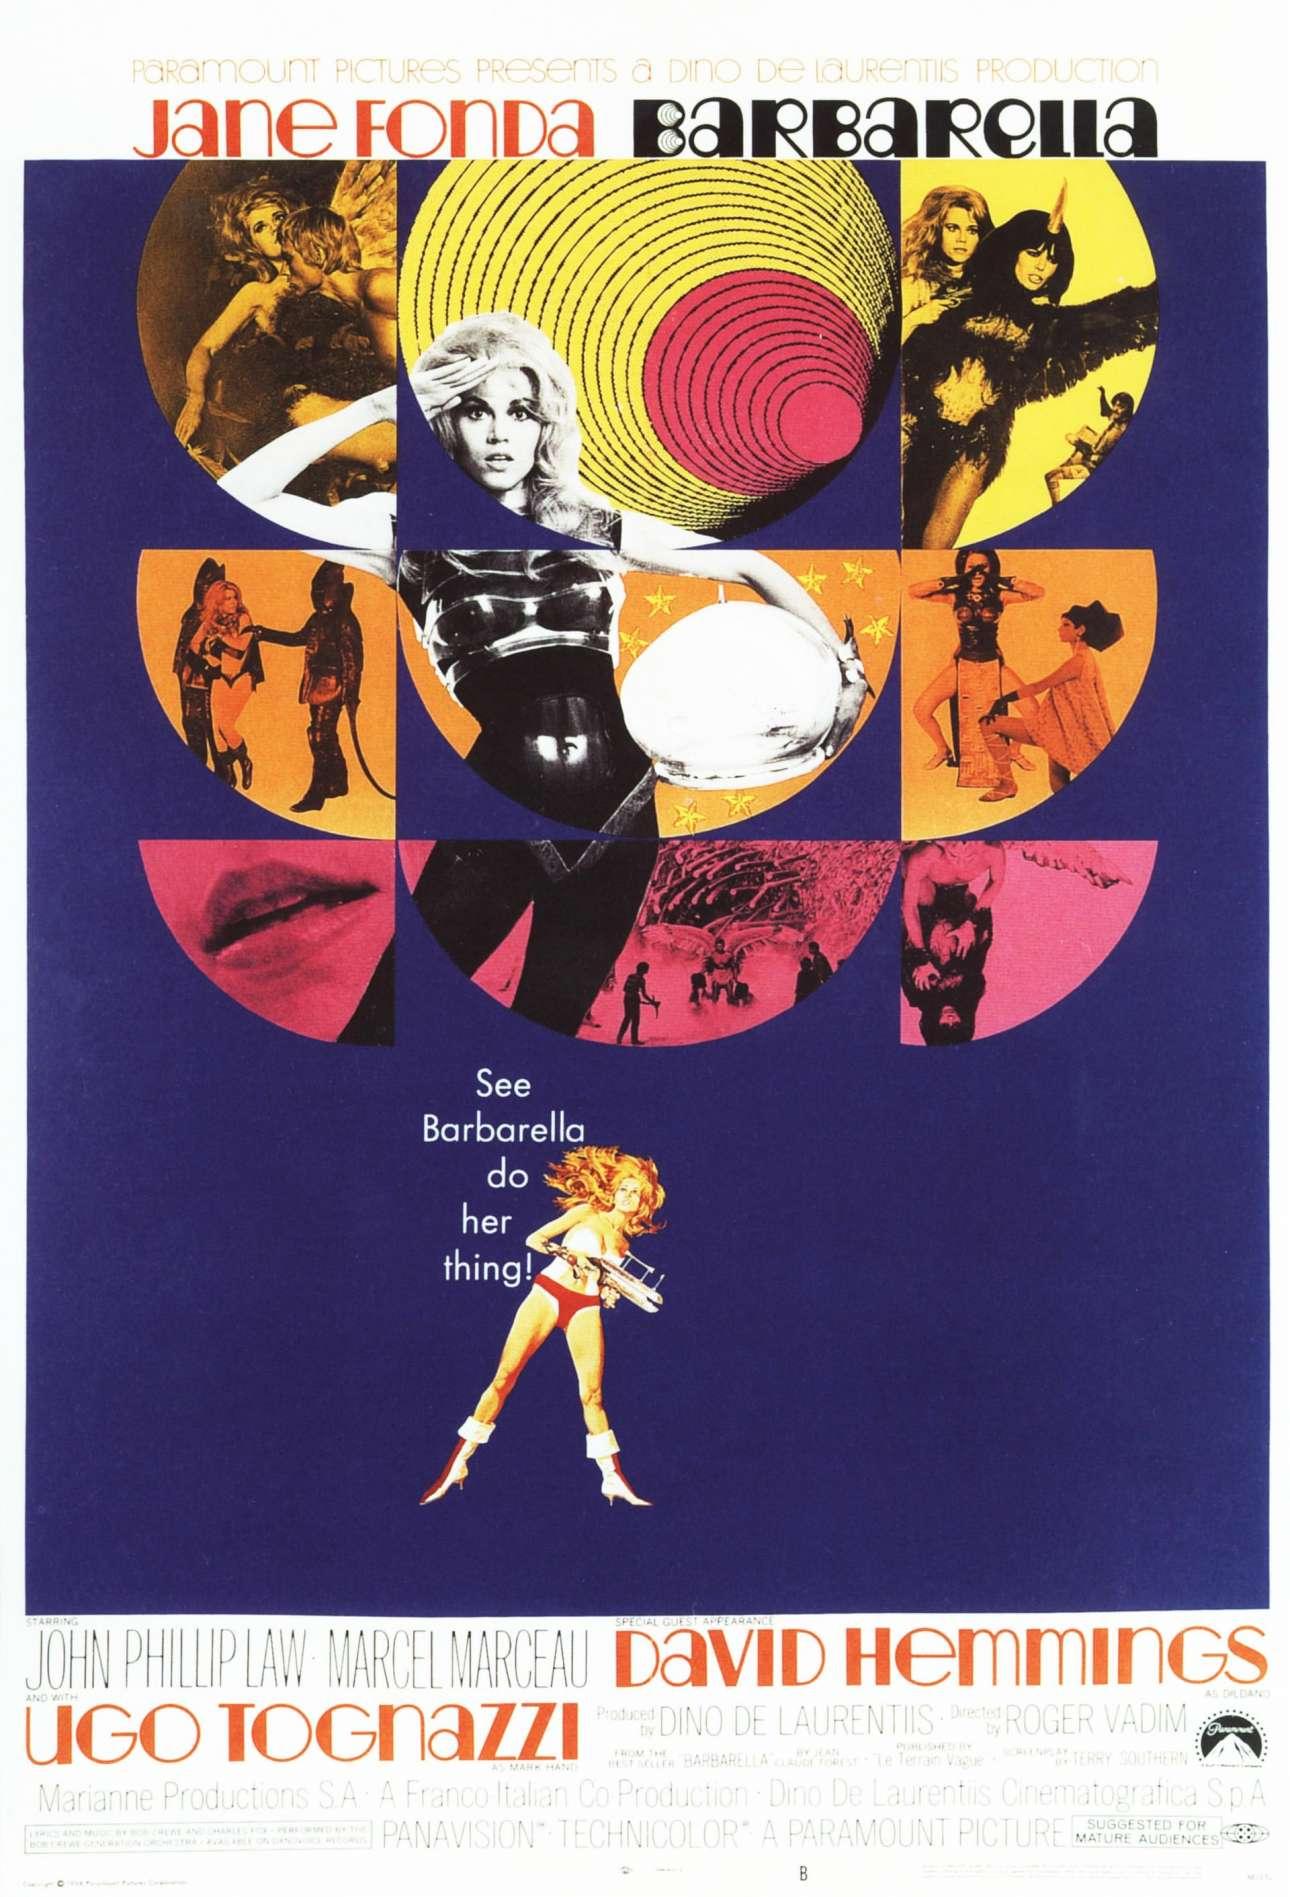 «Μπαρμπαρέλα», 1968. «Πριν από χρόνια, κοίταξα όλα όσα έκαναν η MGM, η Paramount και όλες οι εταιρείες και δεν μου άρεσε τίποτα που είδα. Πάντα έβρισκα λάθος το γεγονός ότι έδειχναν τρία κεφάλια των ηθοποιών, και αυτή ήταν η βασική ιδέα που θα χρησιμοποιούσαν»